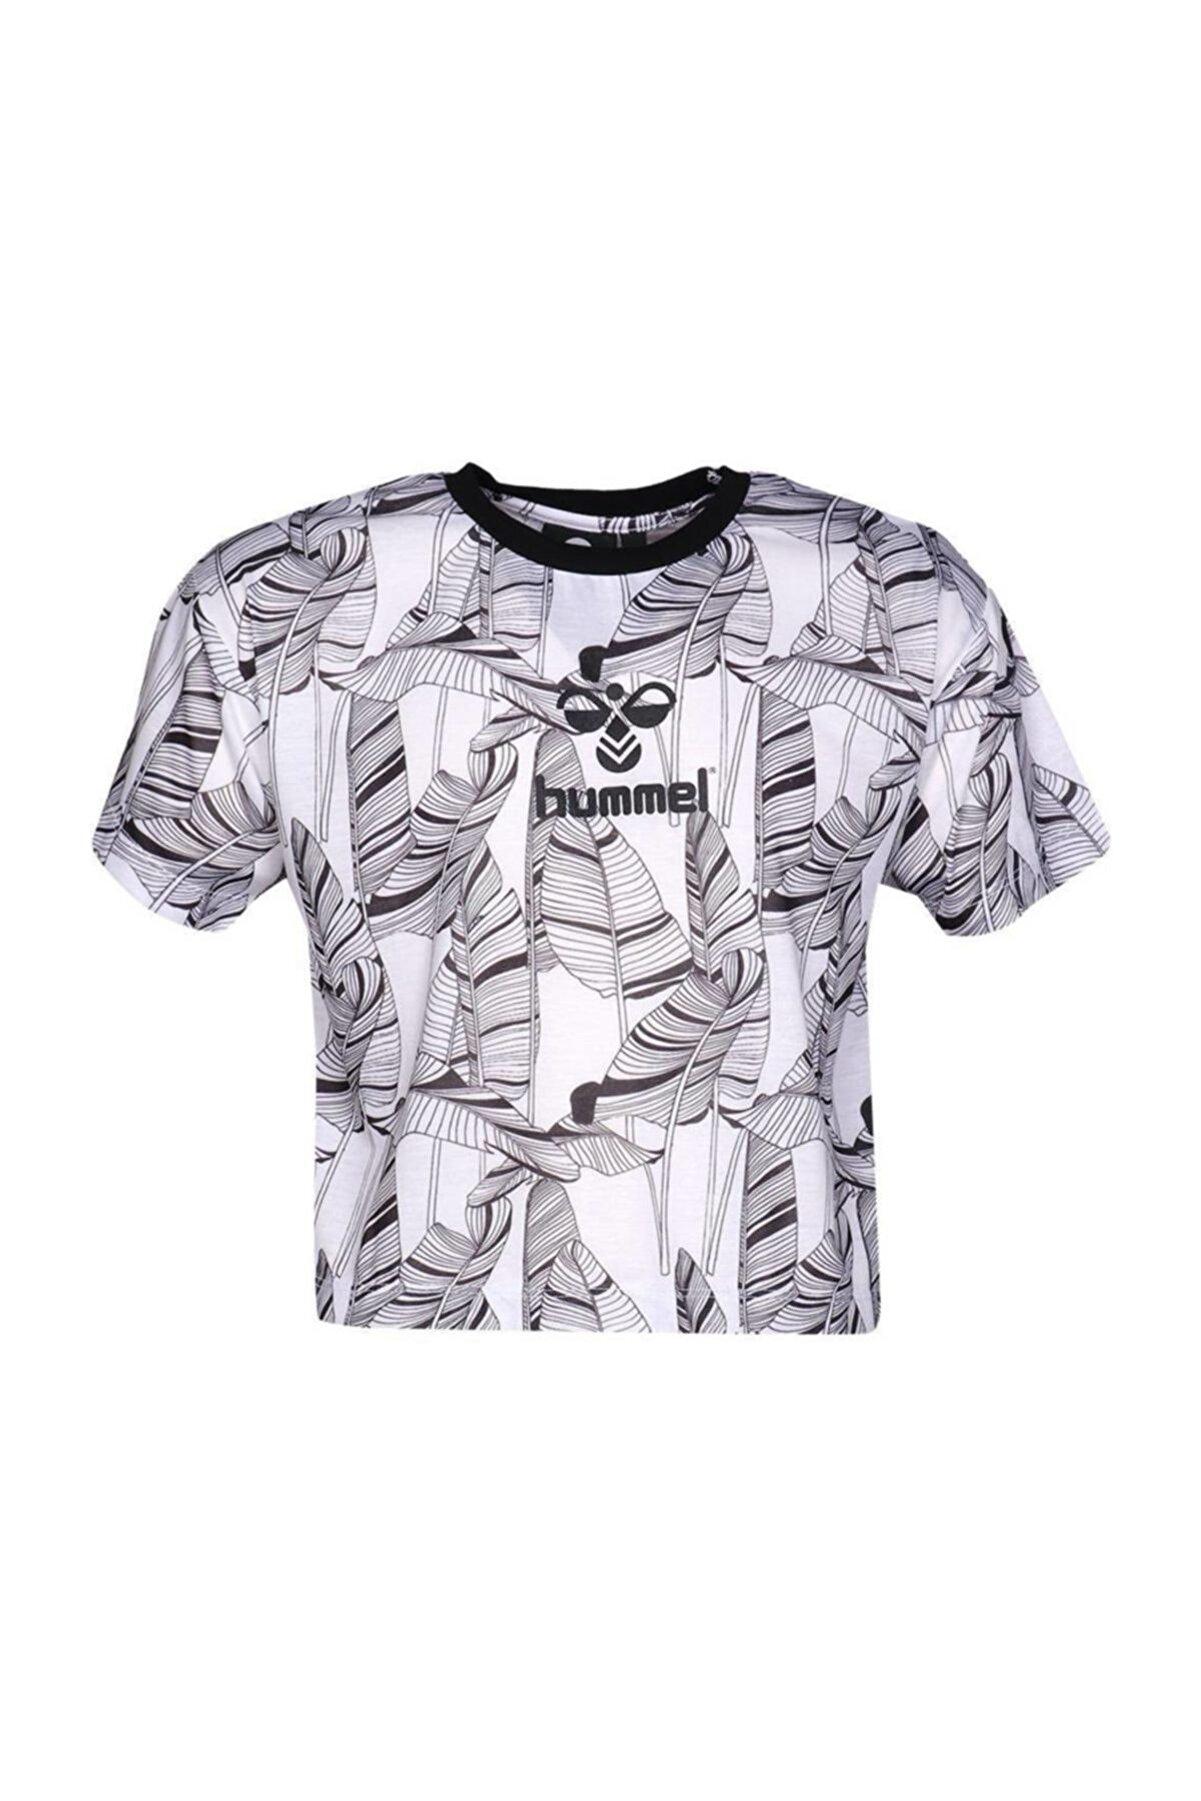 HUMMEL Agustına Kısa Kollu Tişört